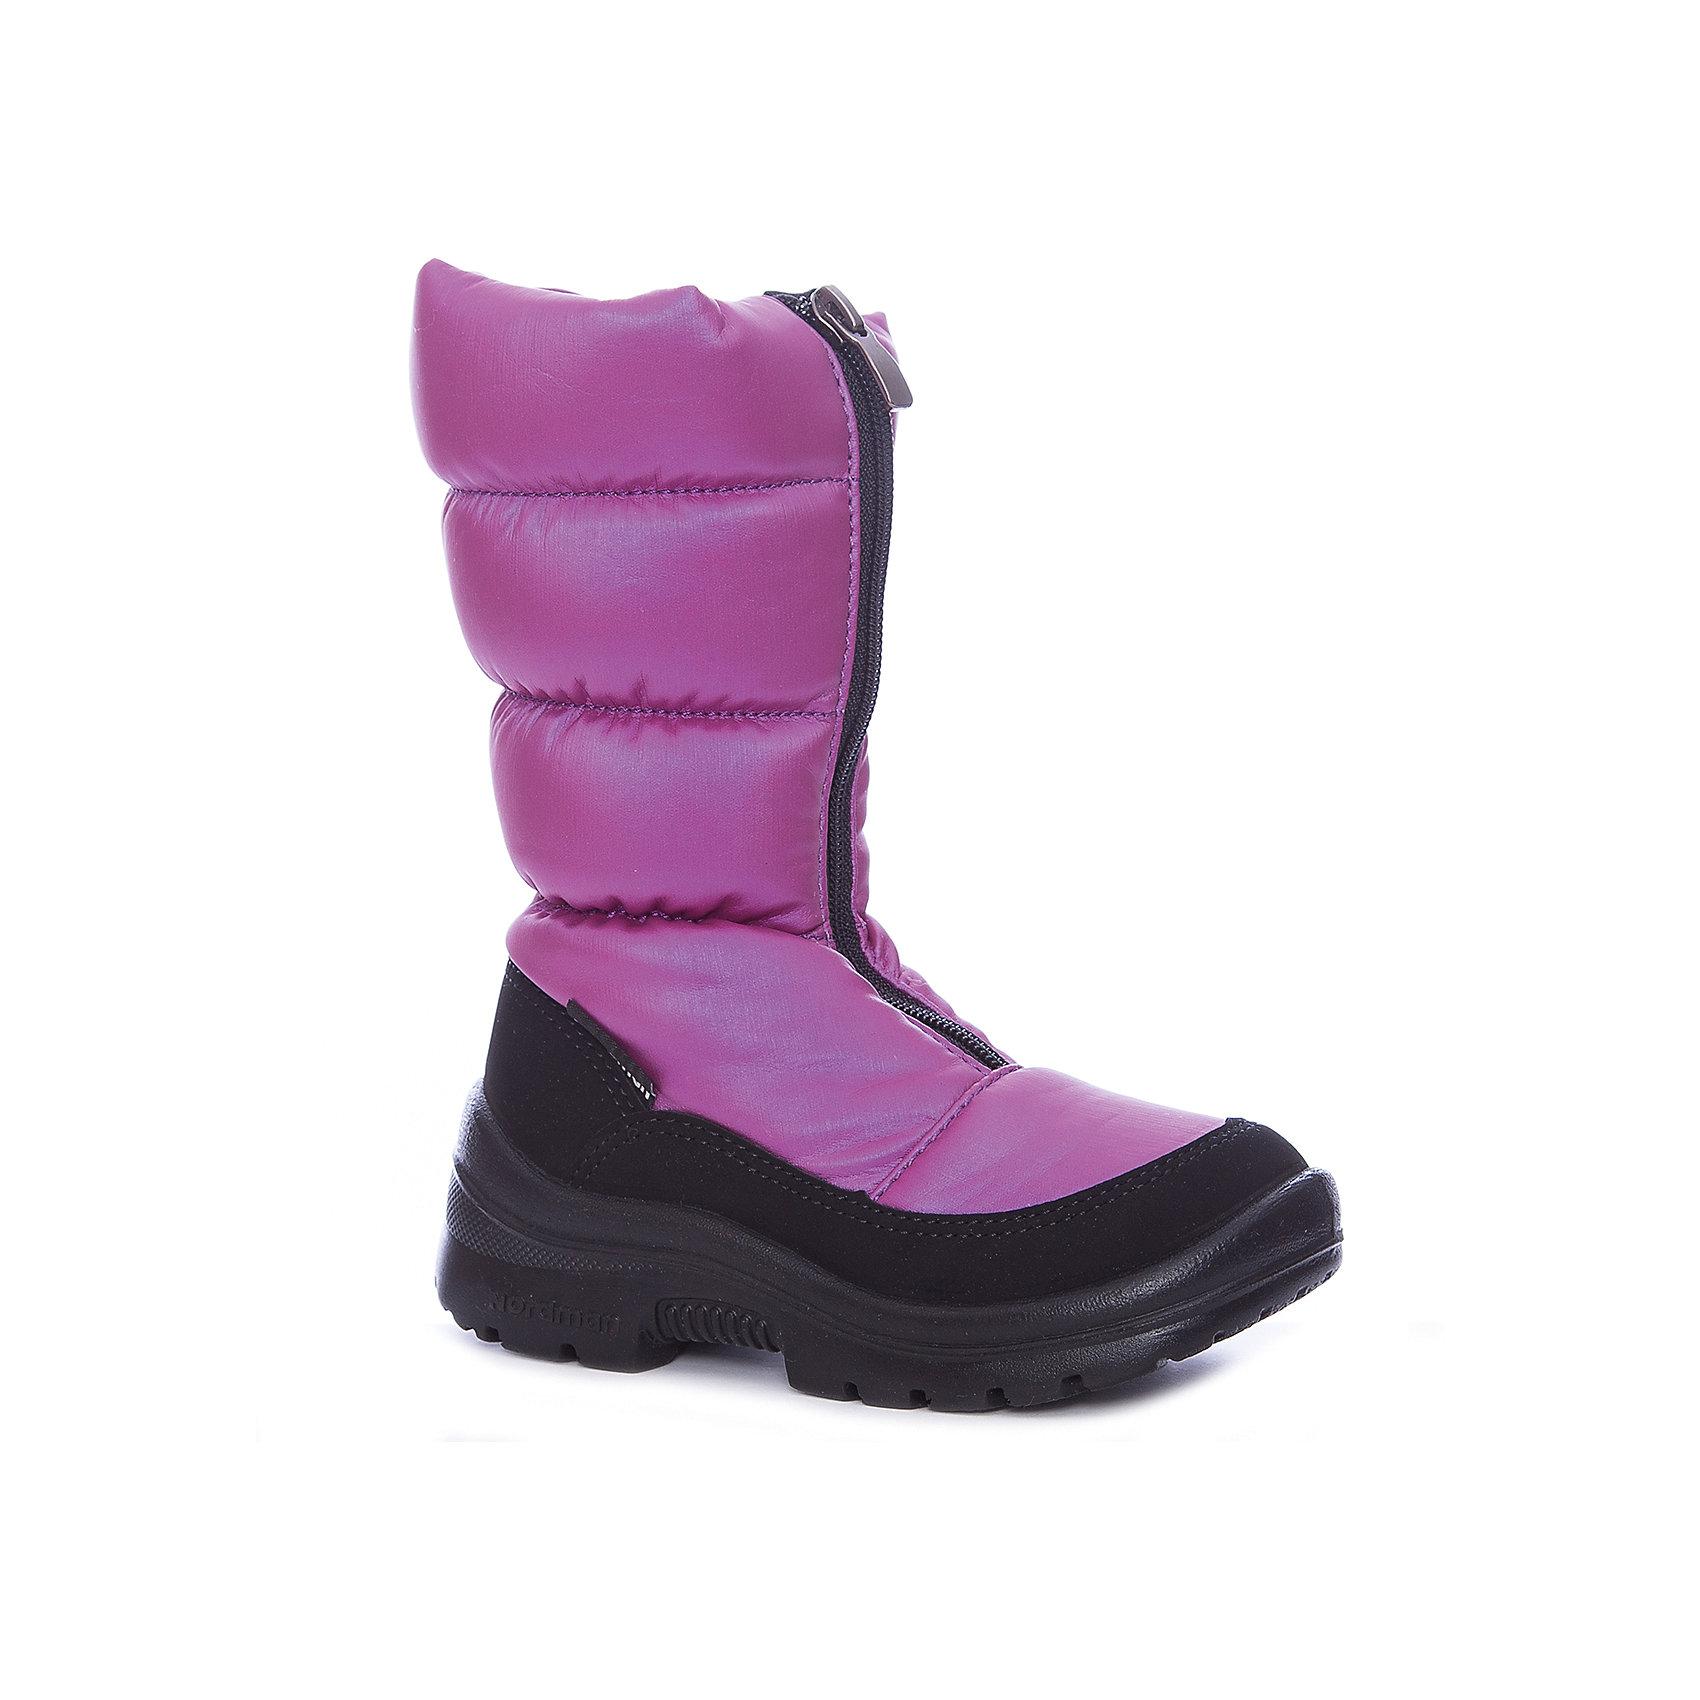 Сапоги для девочки NordmanДутики<br>Характеристики товара:<br><br>• цвет: фиолетовый<br>• материал верха: текстиль <br>• подклад: шерстяной мех<br>• стелька: шерстяной мех<br>• подошва: ЭВА<br>• сезон: зима<br>• температурный режим: от 0 до -20<br>• застежка: молния<br>• подошва не скользит<br>• анатомические <br>• страна бренда: Россия<br>• страна изготовитель: Россия<br><br>Сапоги для девочки Nordman позволяют сохранить ноги в тепле и одновременно не дают им промокнуть. Такая обувь отлично подходит для снежной зимы или слякоти в межсезонье. <br><br>Высокое голенище предотвращает попадание снега в сапог. Меховая подкладка обеспечивает комфортные условия для ног благодаря способности материала впитывать влагу.<br><br>Сапоги для девочки Nordman (Нордман) можно купить в нашем интернет-магазине.<br><br>Ширина мм: 257<br>Глубина мм: 180<br>Высота мм: 130<br>Вес г: 420<br>Цвет: лиловый<br>Возраст от месяцев: 84<br>Возраст до месяцев: 96<br>Пол: Женский<br>Возраст: Детский<br>Размер: 31,27,28,29,30<br>SKU: 6867473